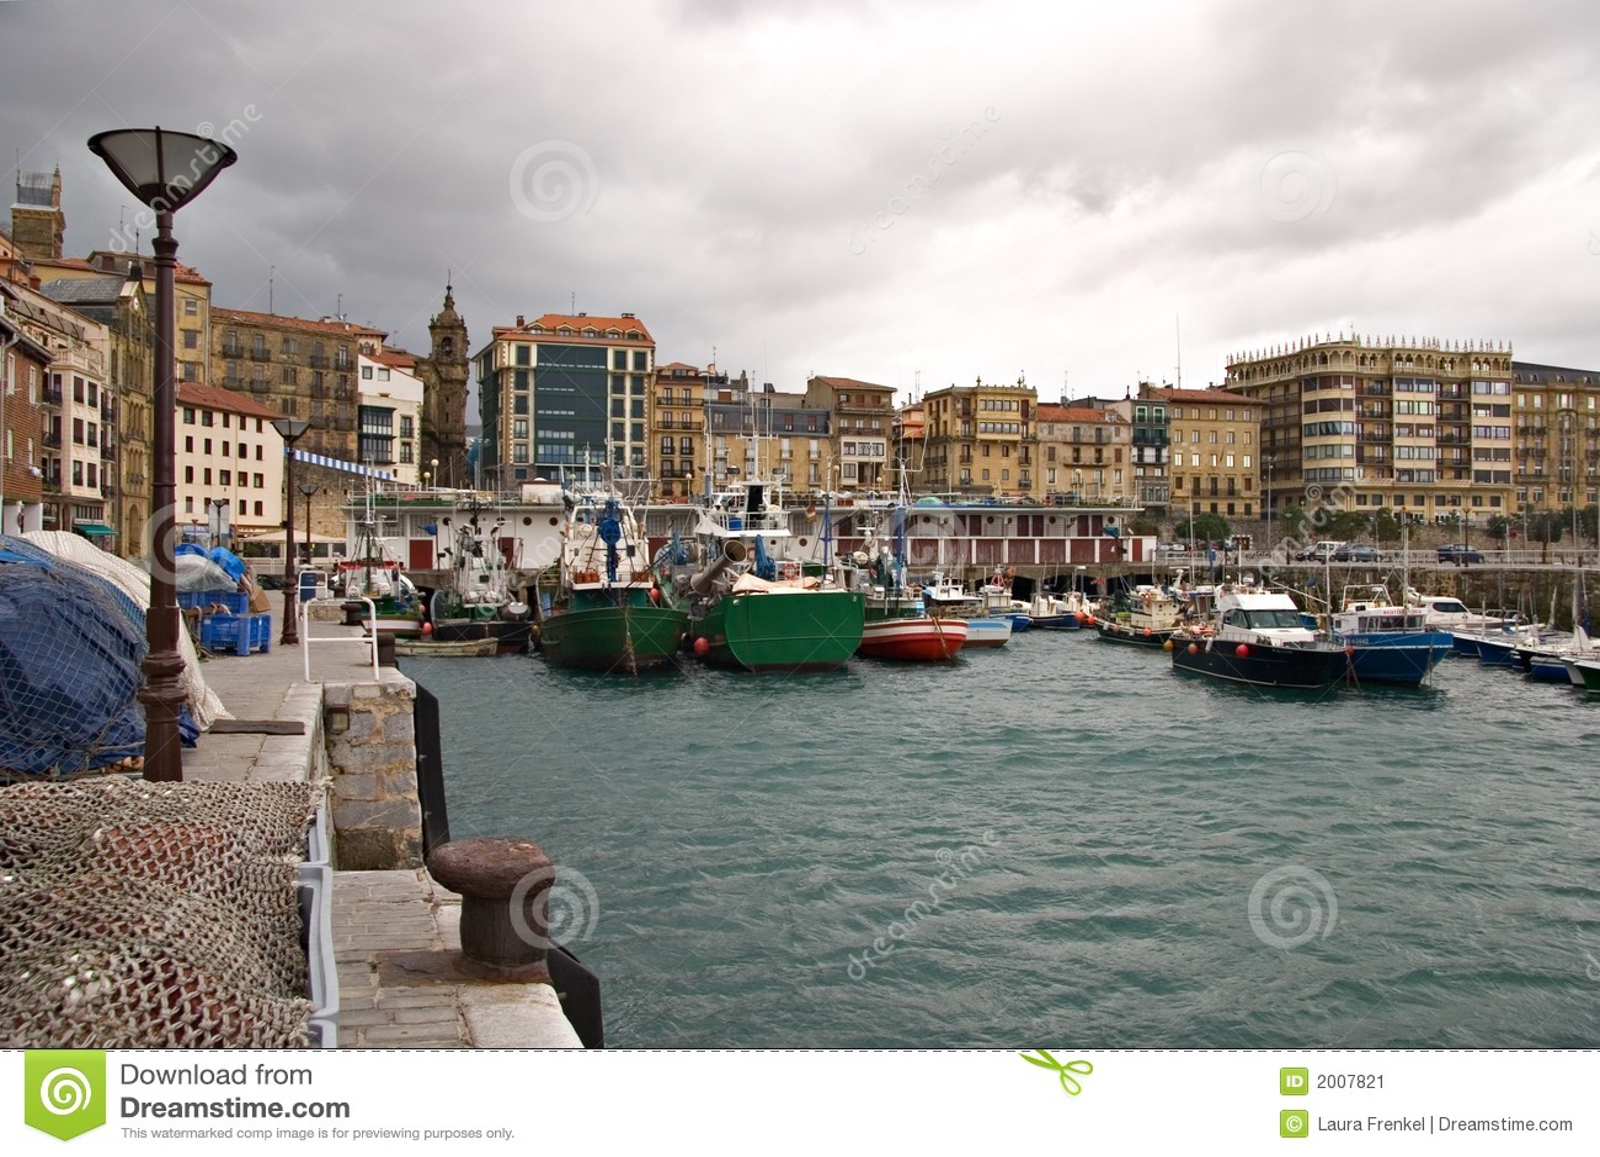 Puerto de san sebastian pa s vasco imagen de archivo - San sebastian pais vasco ...